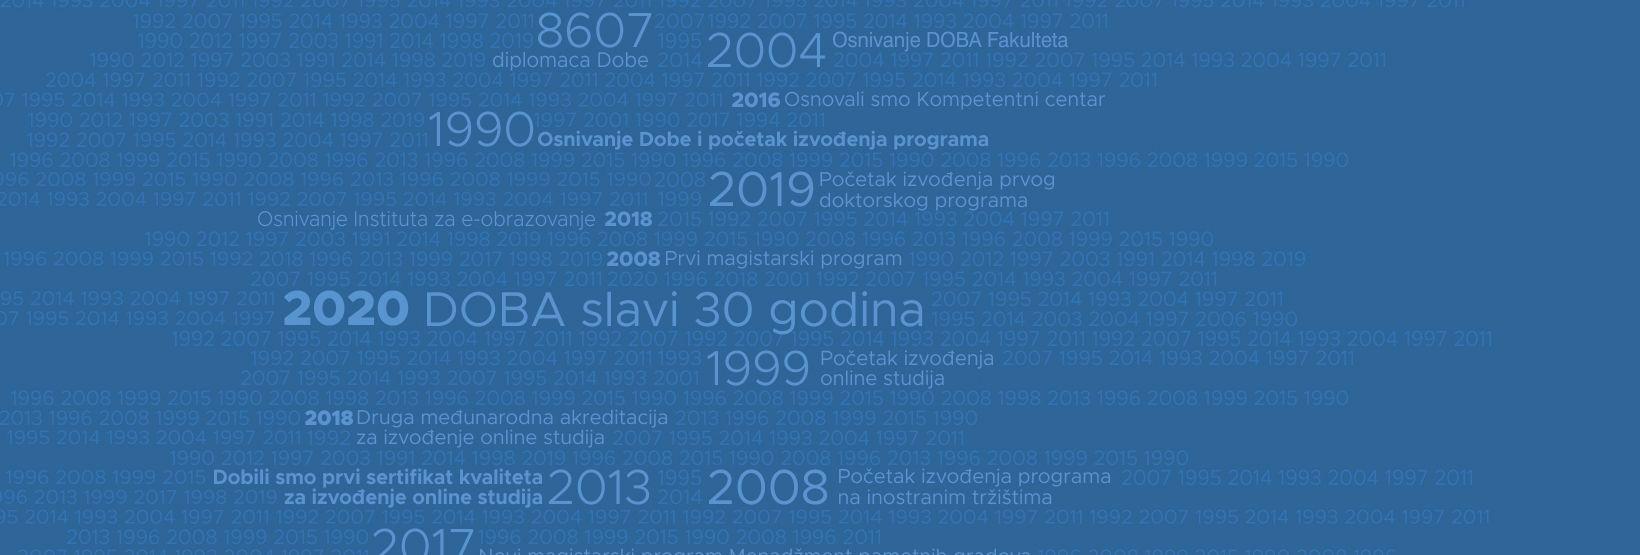 Predsednik RS Borut Pahor je počasni pokrovitelj događaja povodom 30. godišnjice DOBE